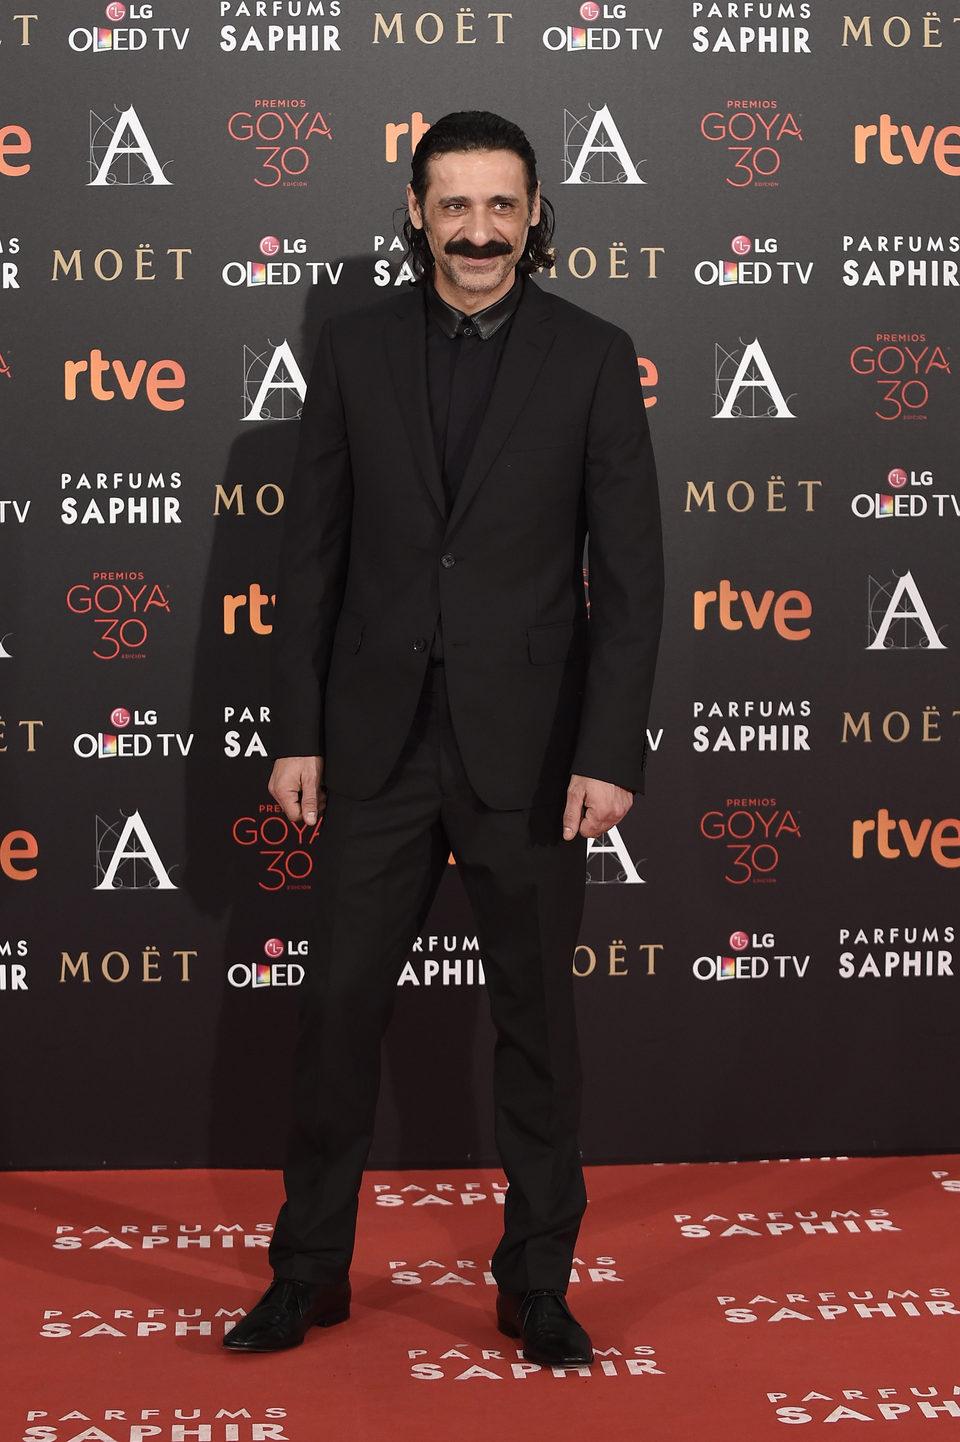 Nacho Fresneda en la alfombra roja de los Premios Goya 2016